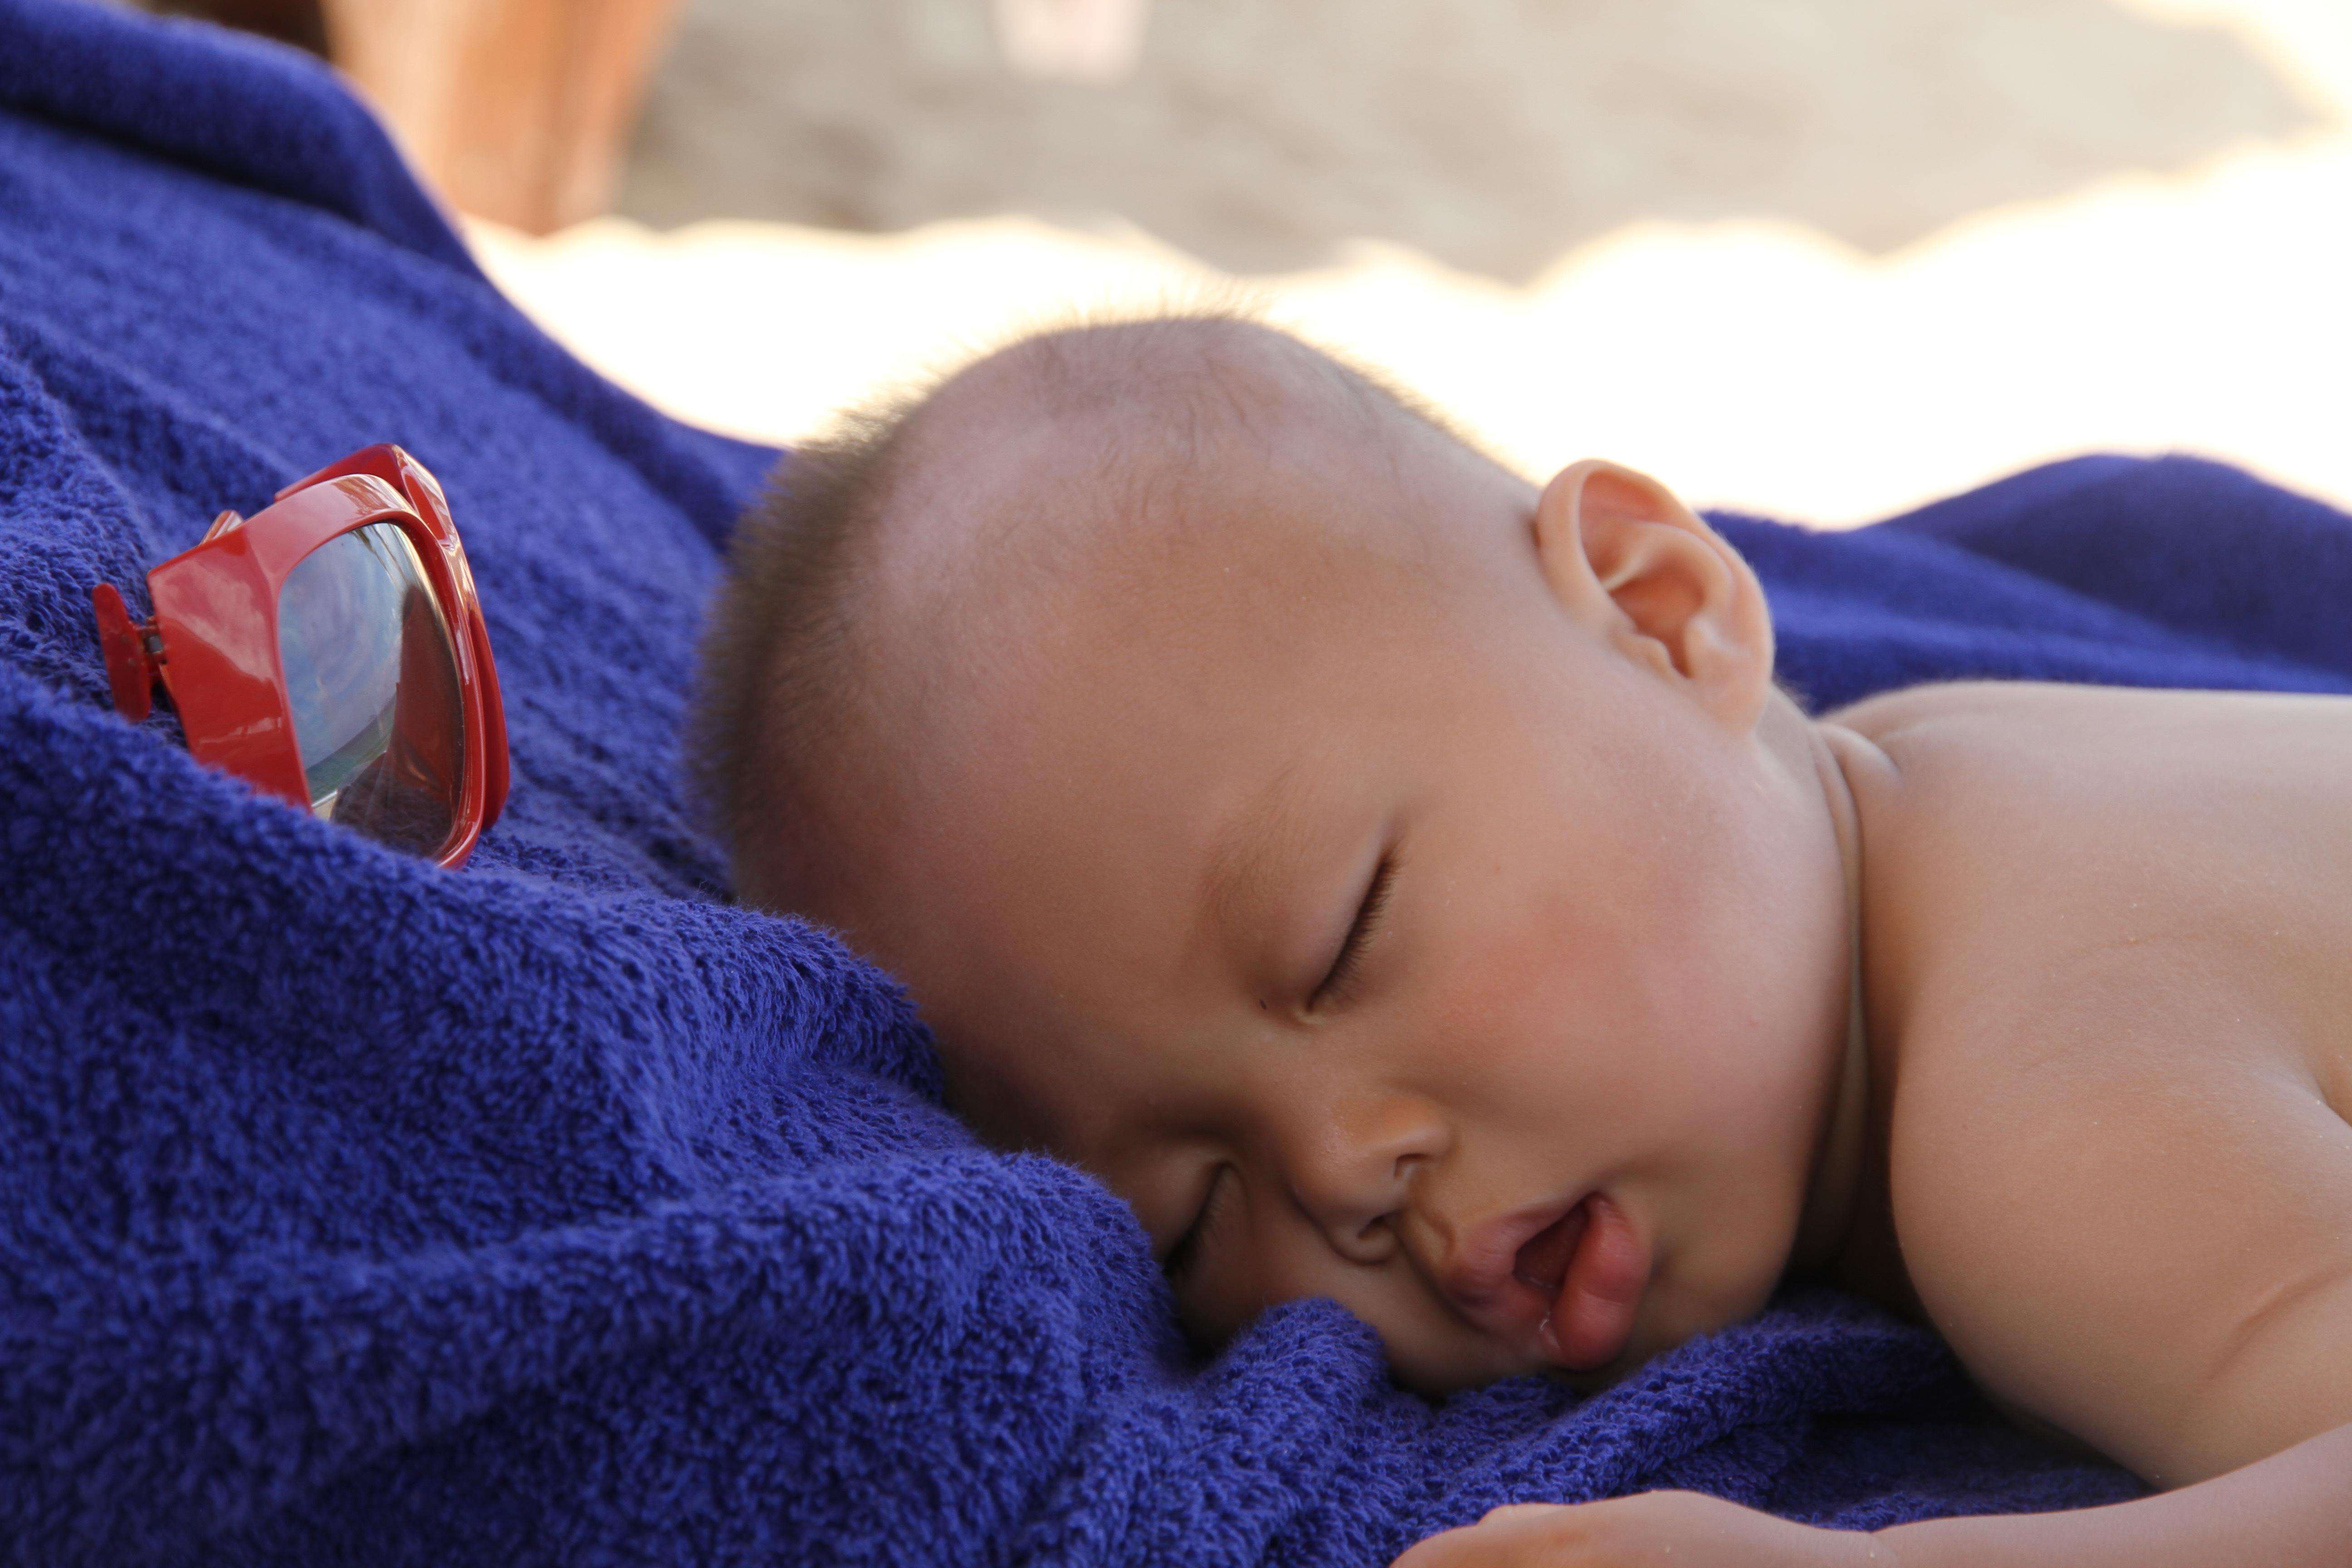 多多小朋友在海边吹着海风睡着喽